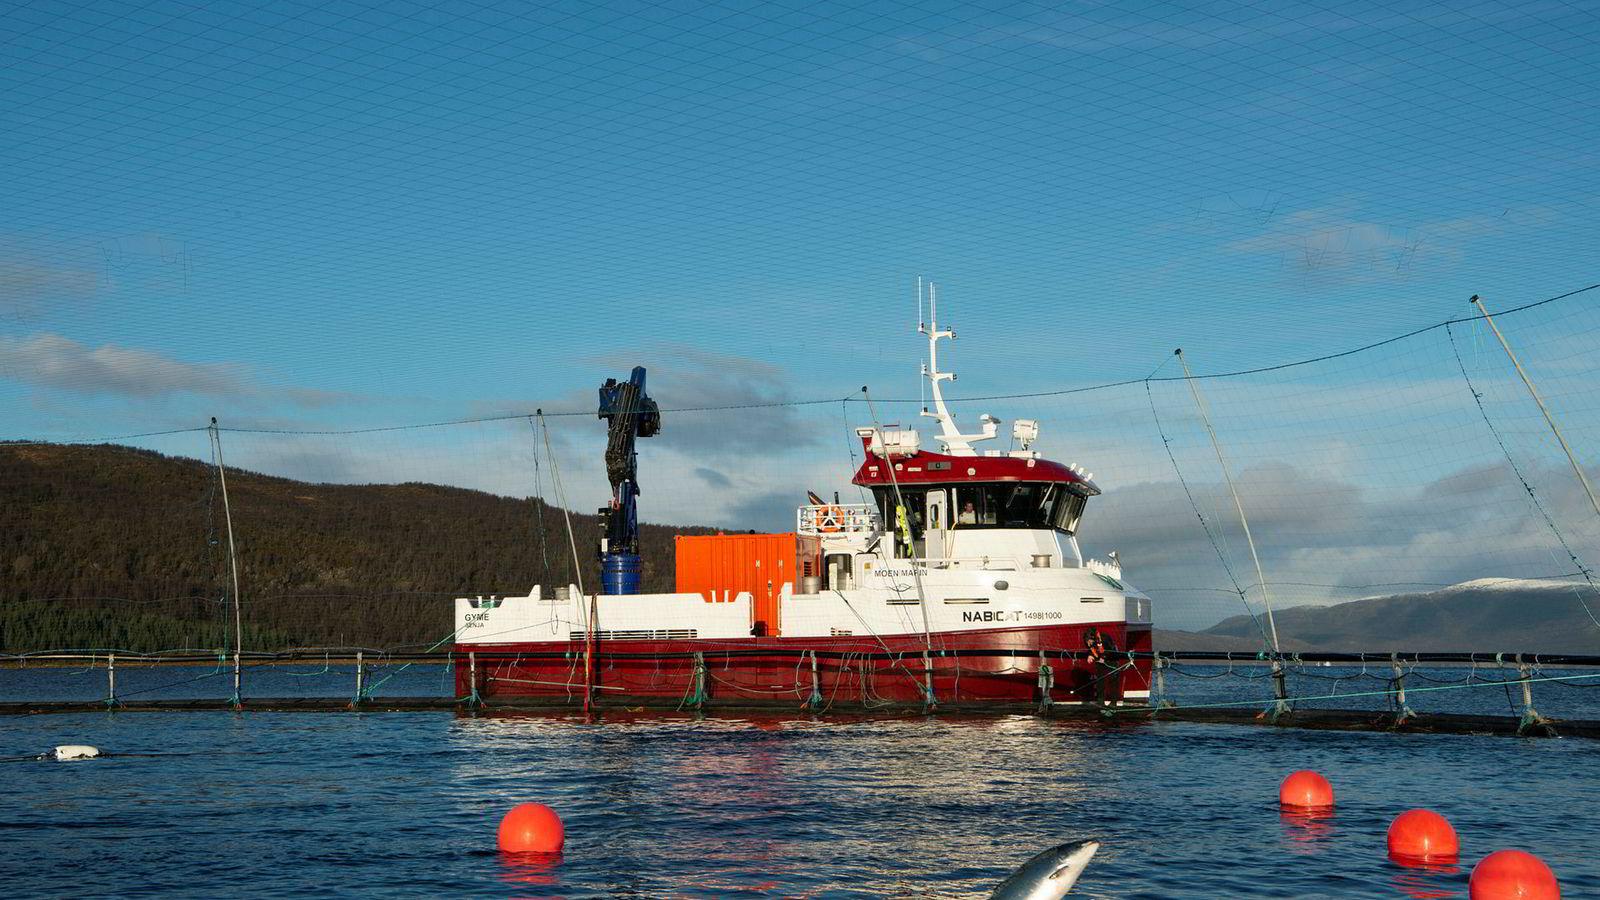 Under snøkledde fjell, der blikkstille Gisundet møter Malangsfjorden, ligger den rødmalte servicebåten «Gyme» på innsiden av Nord-Senja og steller med Salmars oppdrettsanlegg Skårliodden.